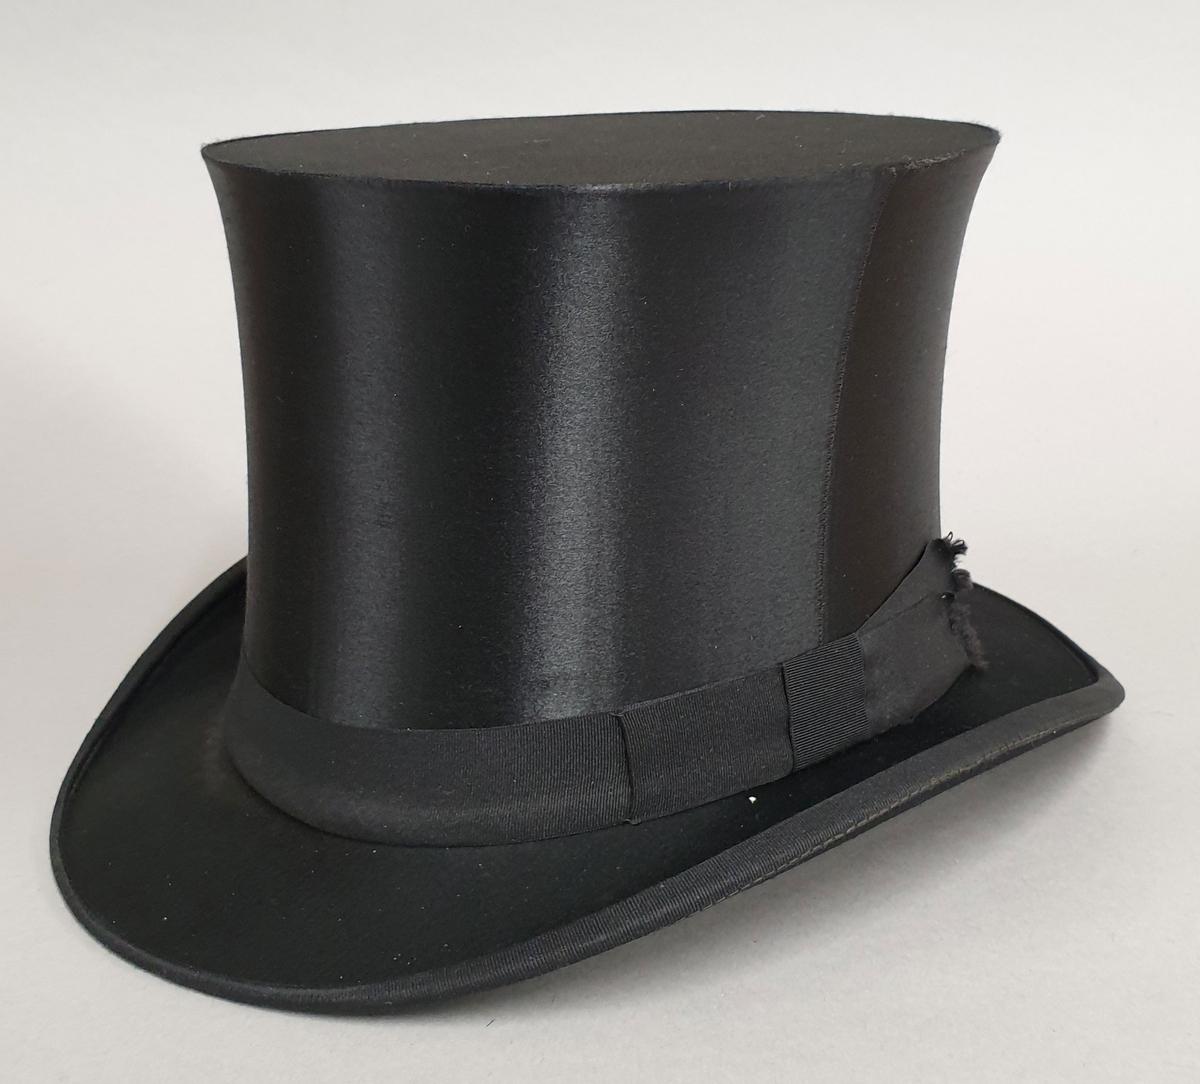 Flosshatt med silketrekk og ripsbånd rundt pullen. Fôret med stripete silke i grått og sort, og med produsentens signatur.